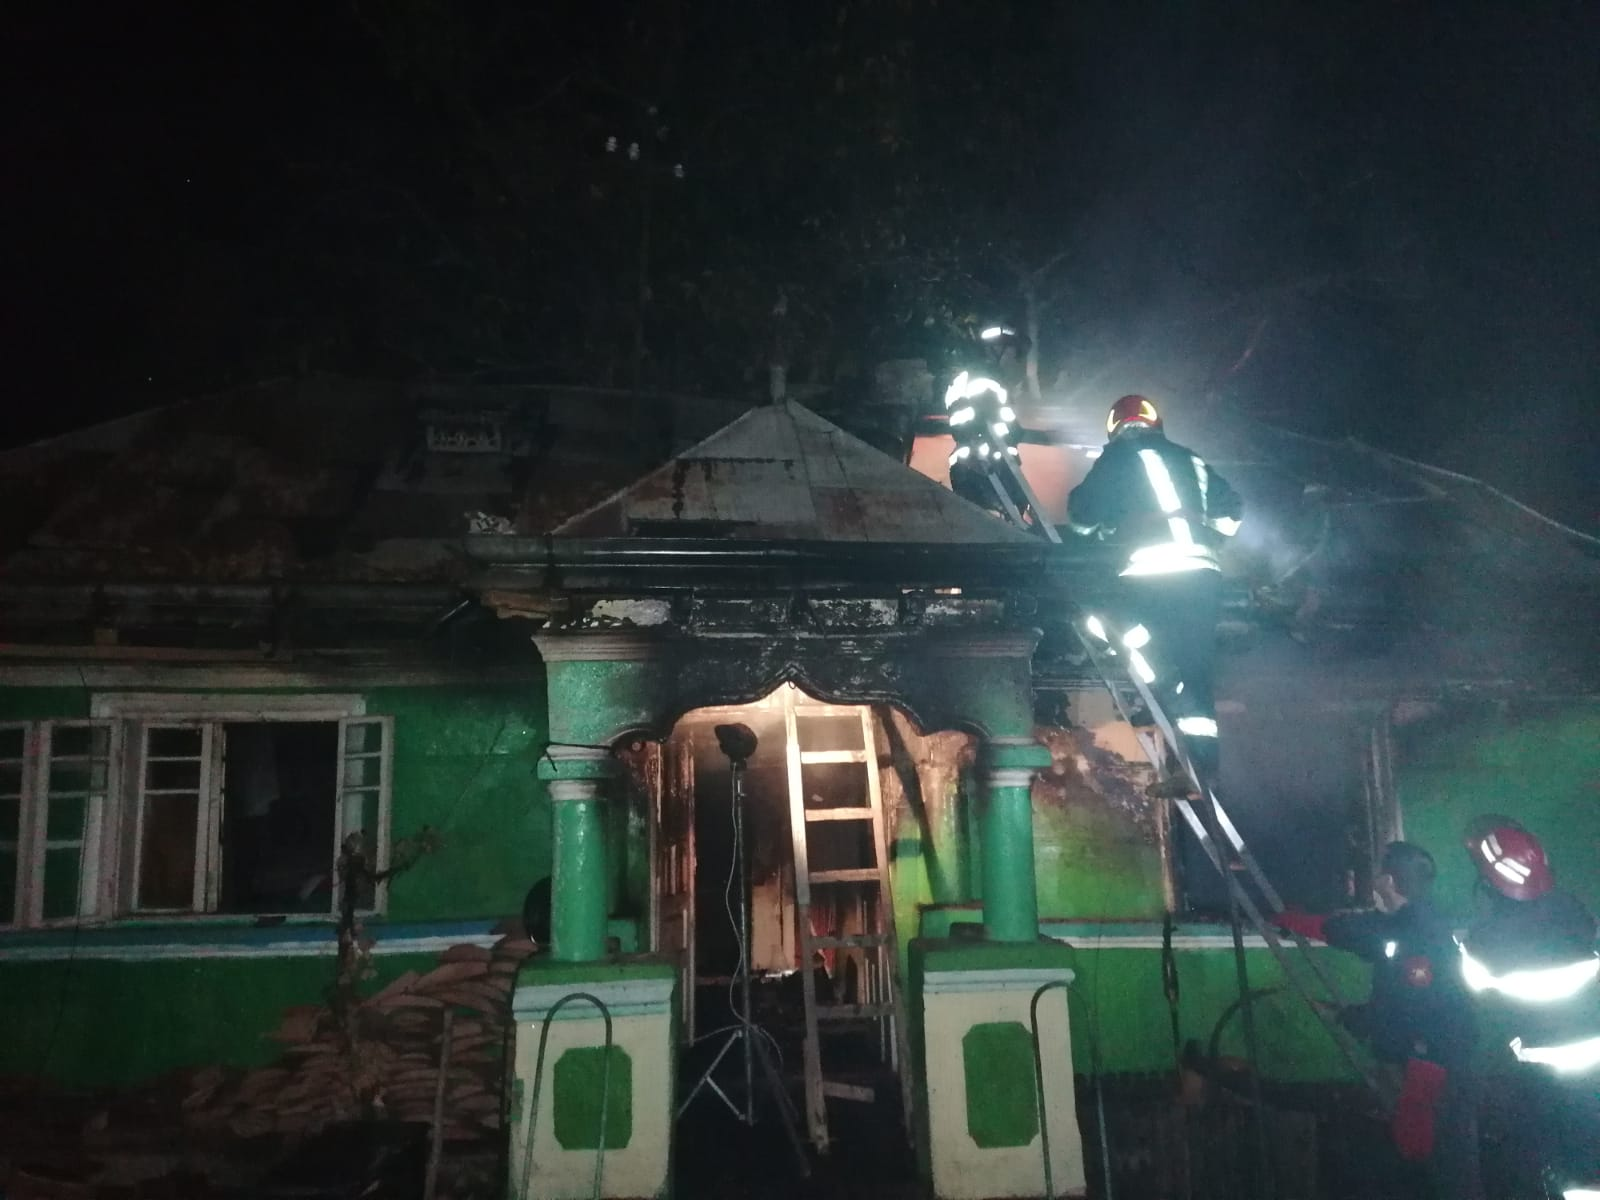 Bătrân decedat în urma unui incendiu, în comuna Ion Creangă